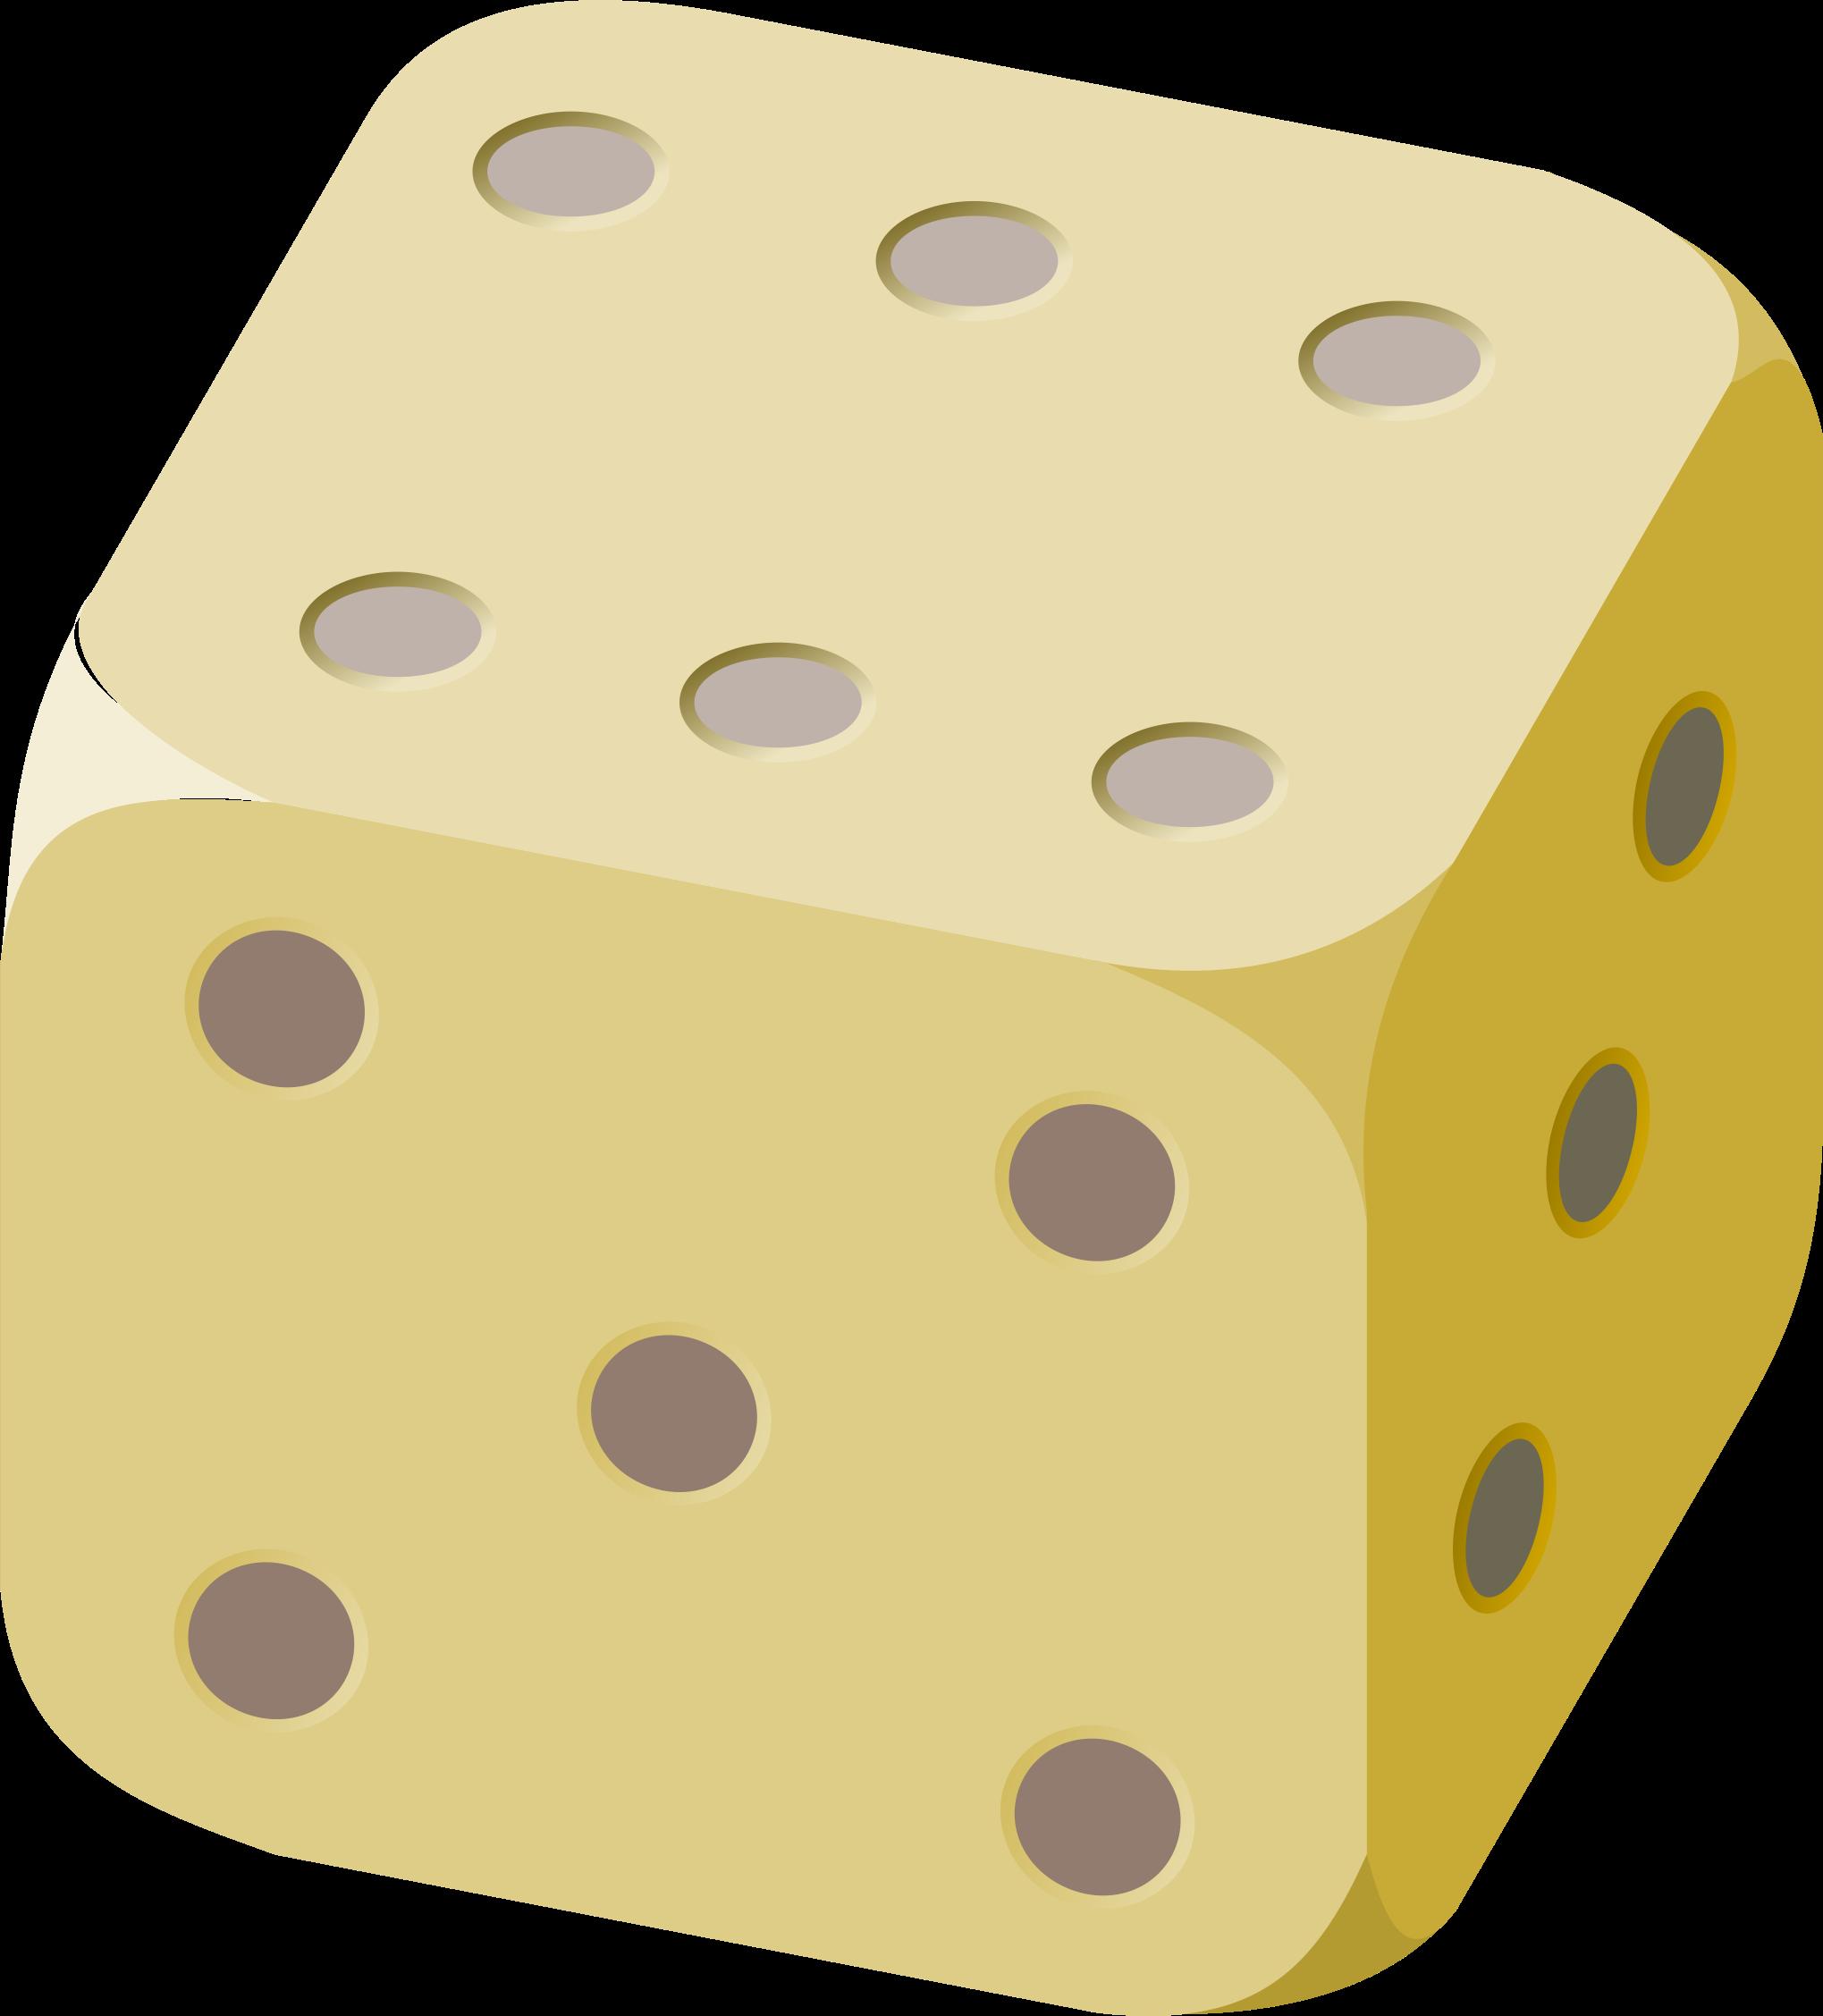 Clipart - dice